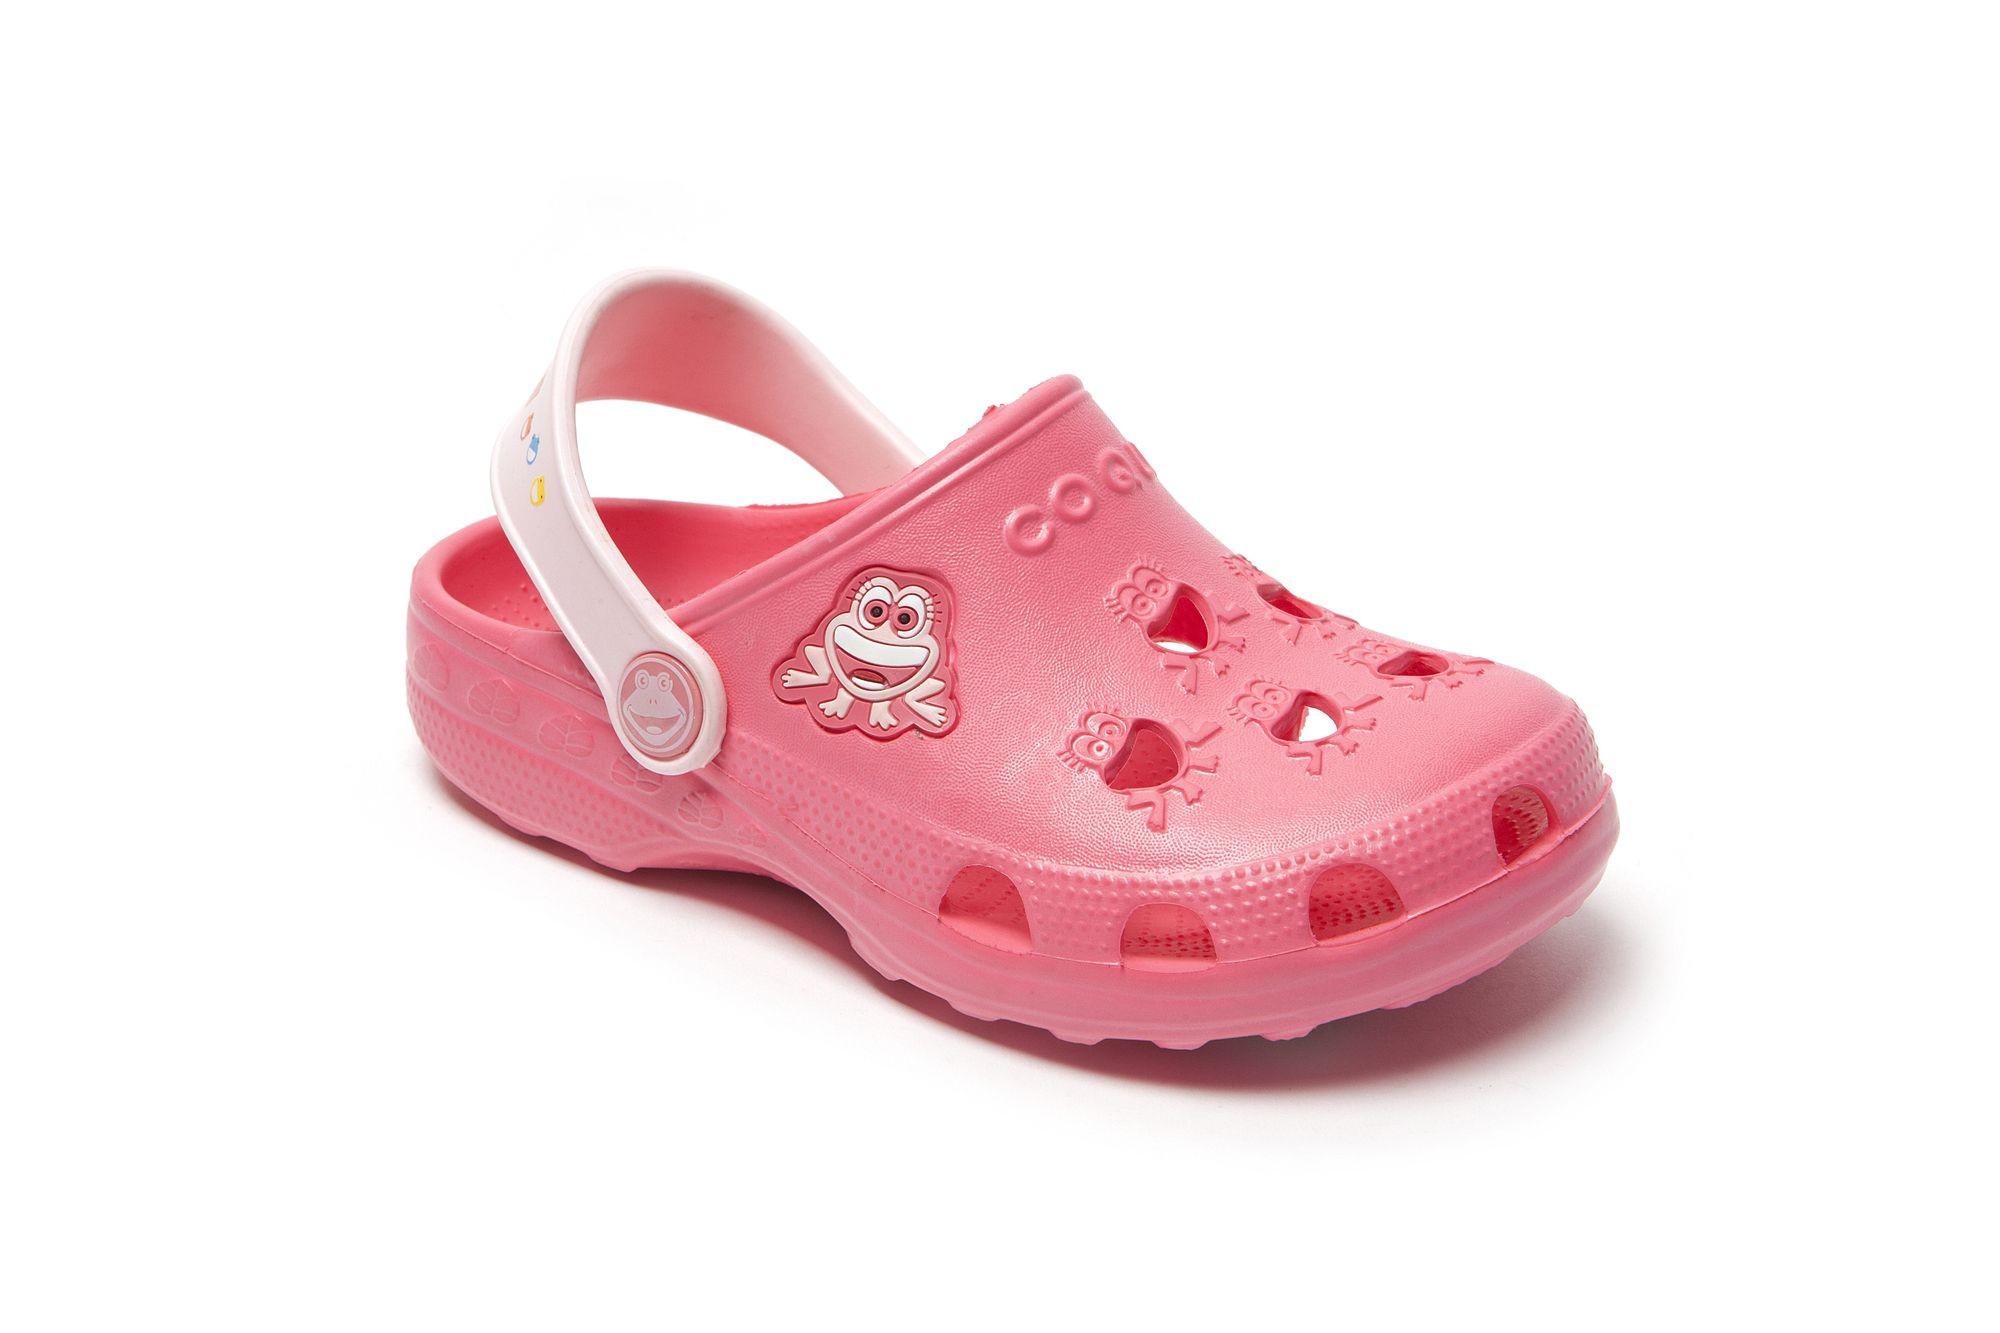 4350c475bb7 COQUI παιδικό σαμπό για κορίτσια! Η πιο ανάλαφρη καλοκαιρινή επιλογή που  προτιμούν τα μικρά κορίτσια. Κοραλί σαμπό από ανθεκτικό ελαστικό υλικό που  ...